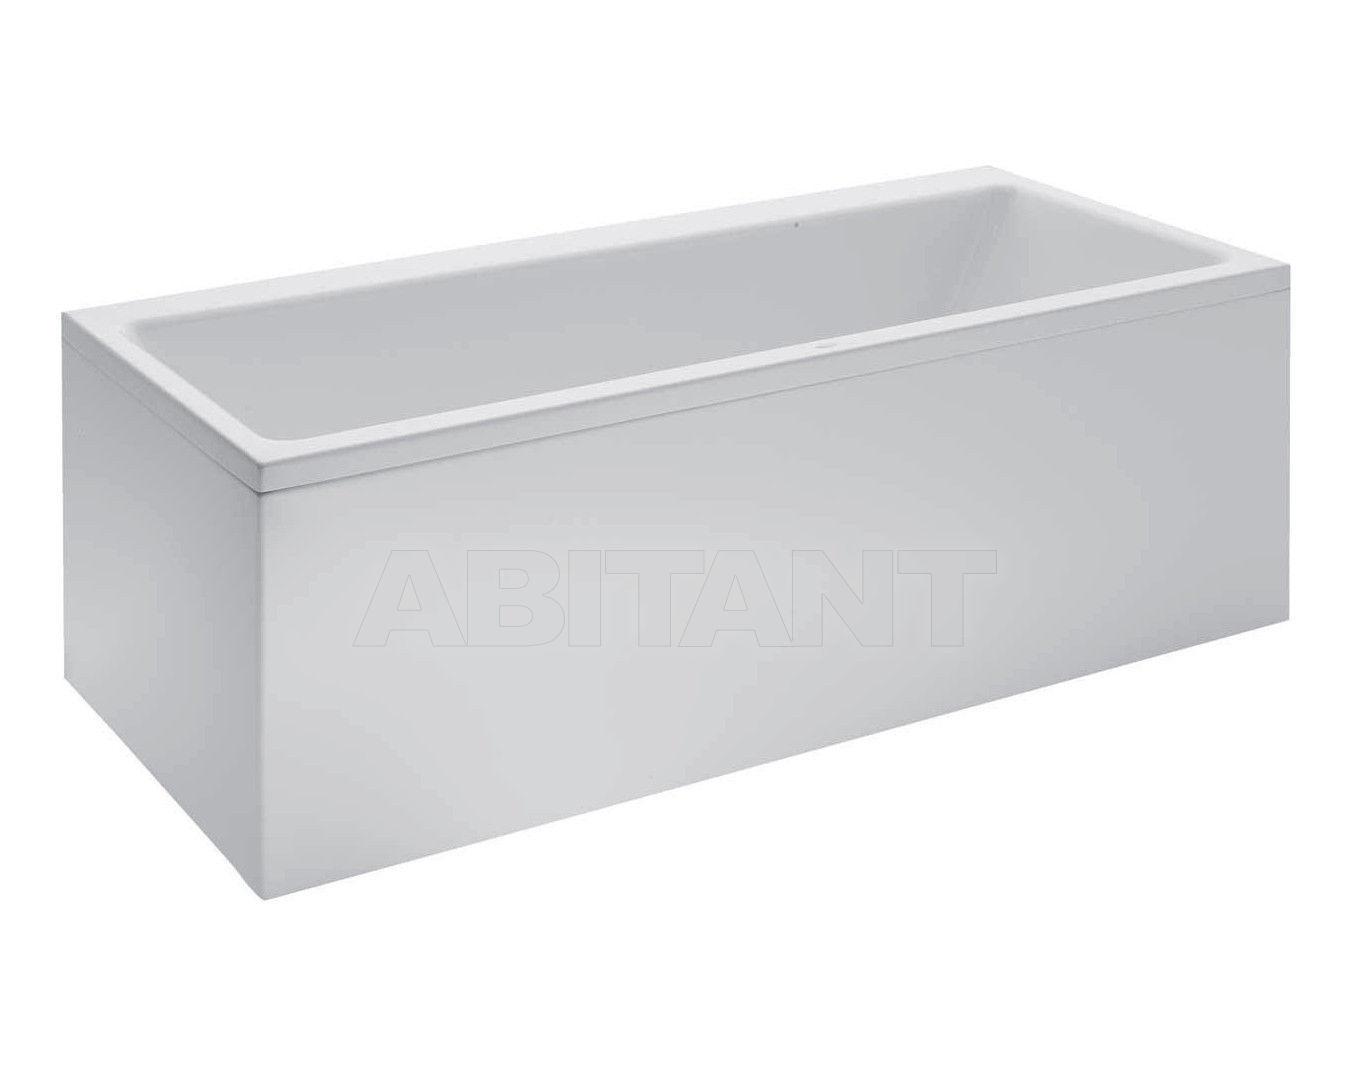 Купить Ванна Pro Laufen Alessi Dot 2.3395.5.000.000.1